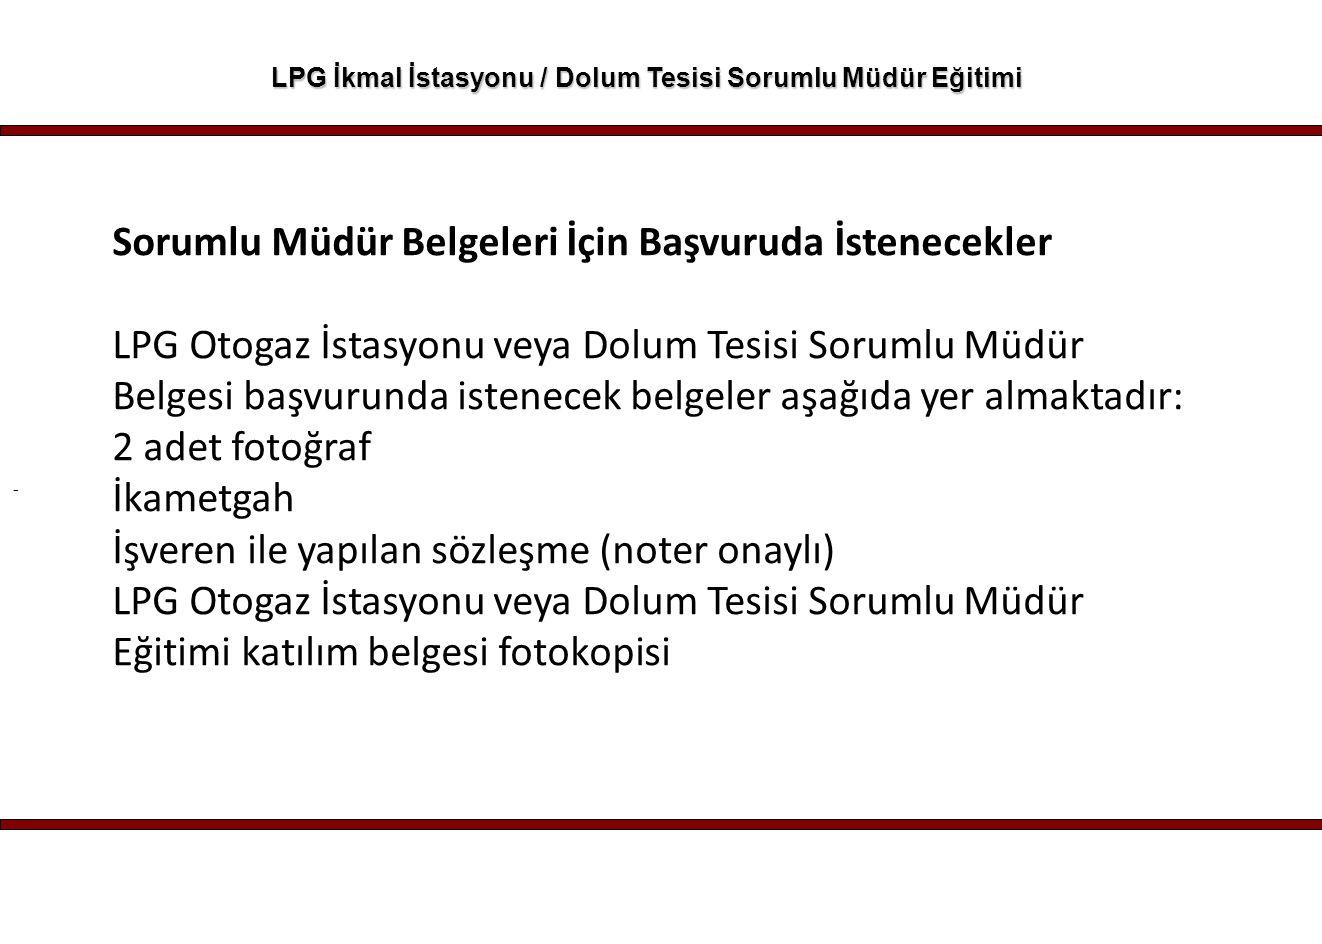 - LPG İkmal İstasyonu / Dolum Tesisi Sorumlu Müdür Eğitimi Sorumlu Müdür Belgeleri İçin Başvuruda İstenecekler LPG Otogaz İstasyonu veya Dolum Tesisi